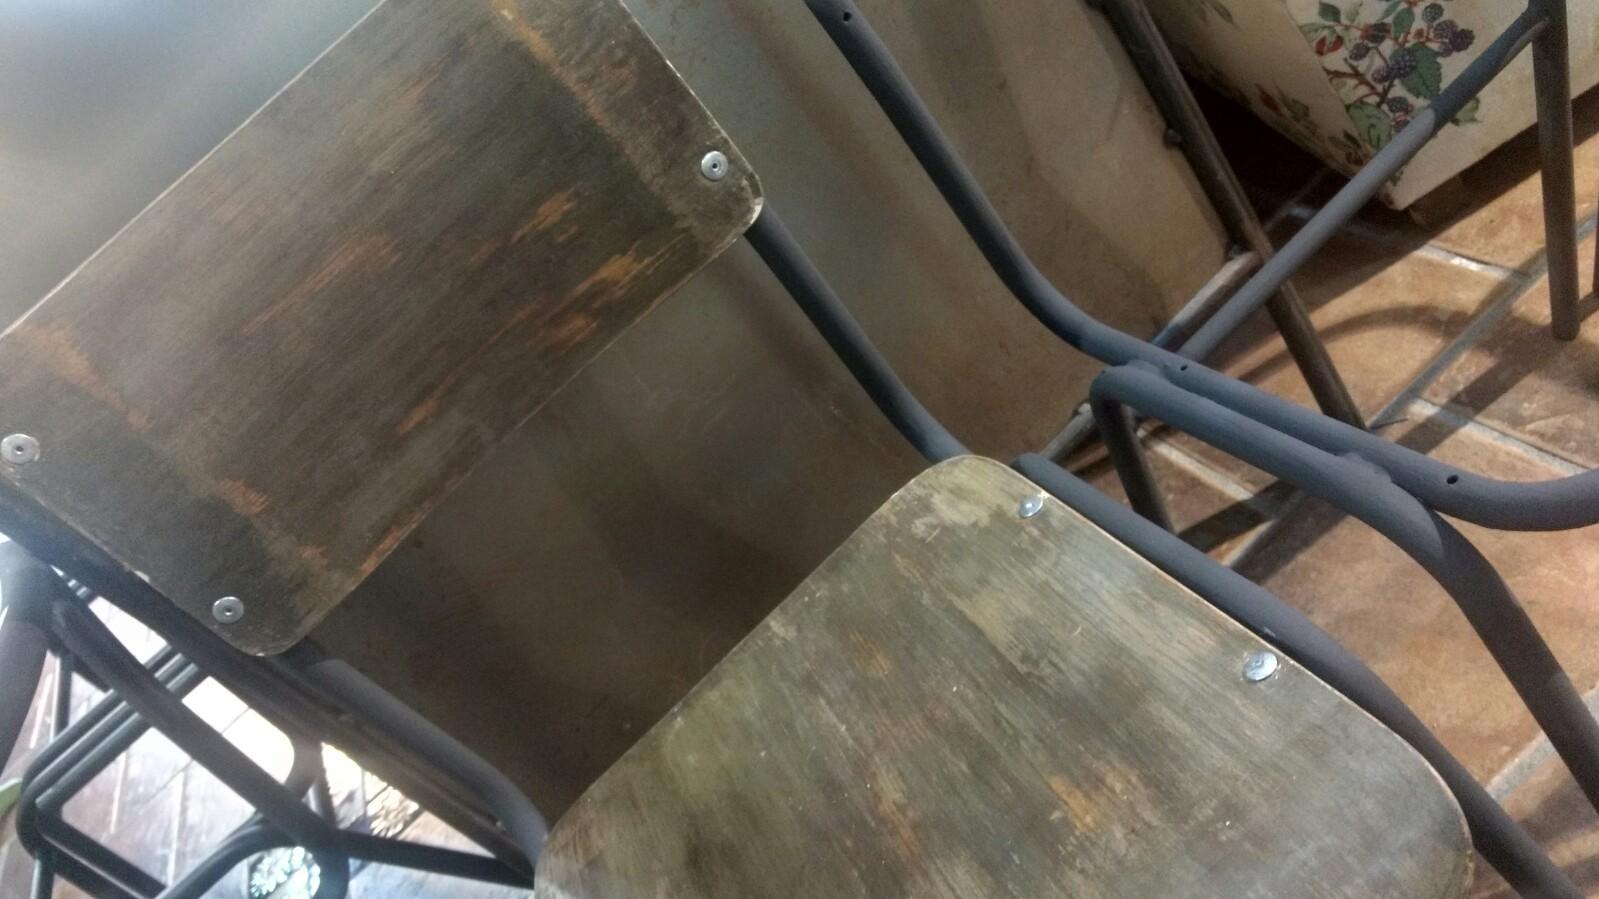 """Trabajo realizado para el nuevo bar Kantine situado en la calle Príncipe. Estructura sillas en """"Graphite"""" de Chalk Paint™ Annie Sloan y decapado en tres tonos acabados con Soft Wax Dark, Trate tienda Taller Bilbao, Bizkaia"""